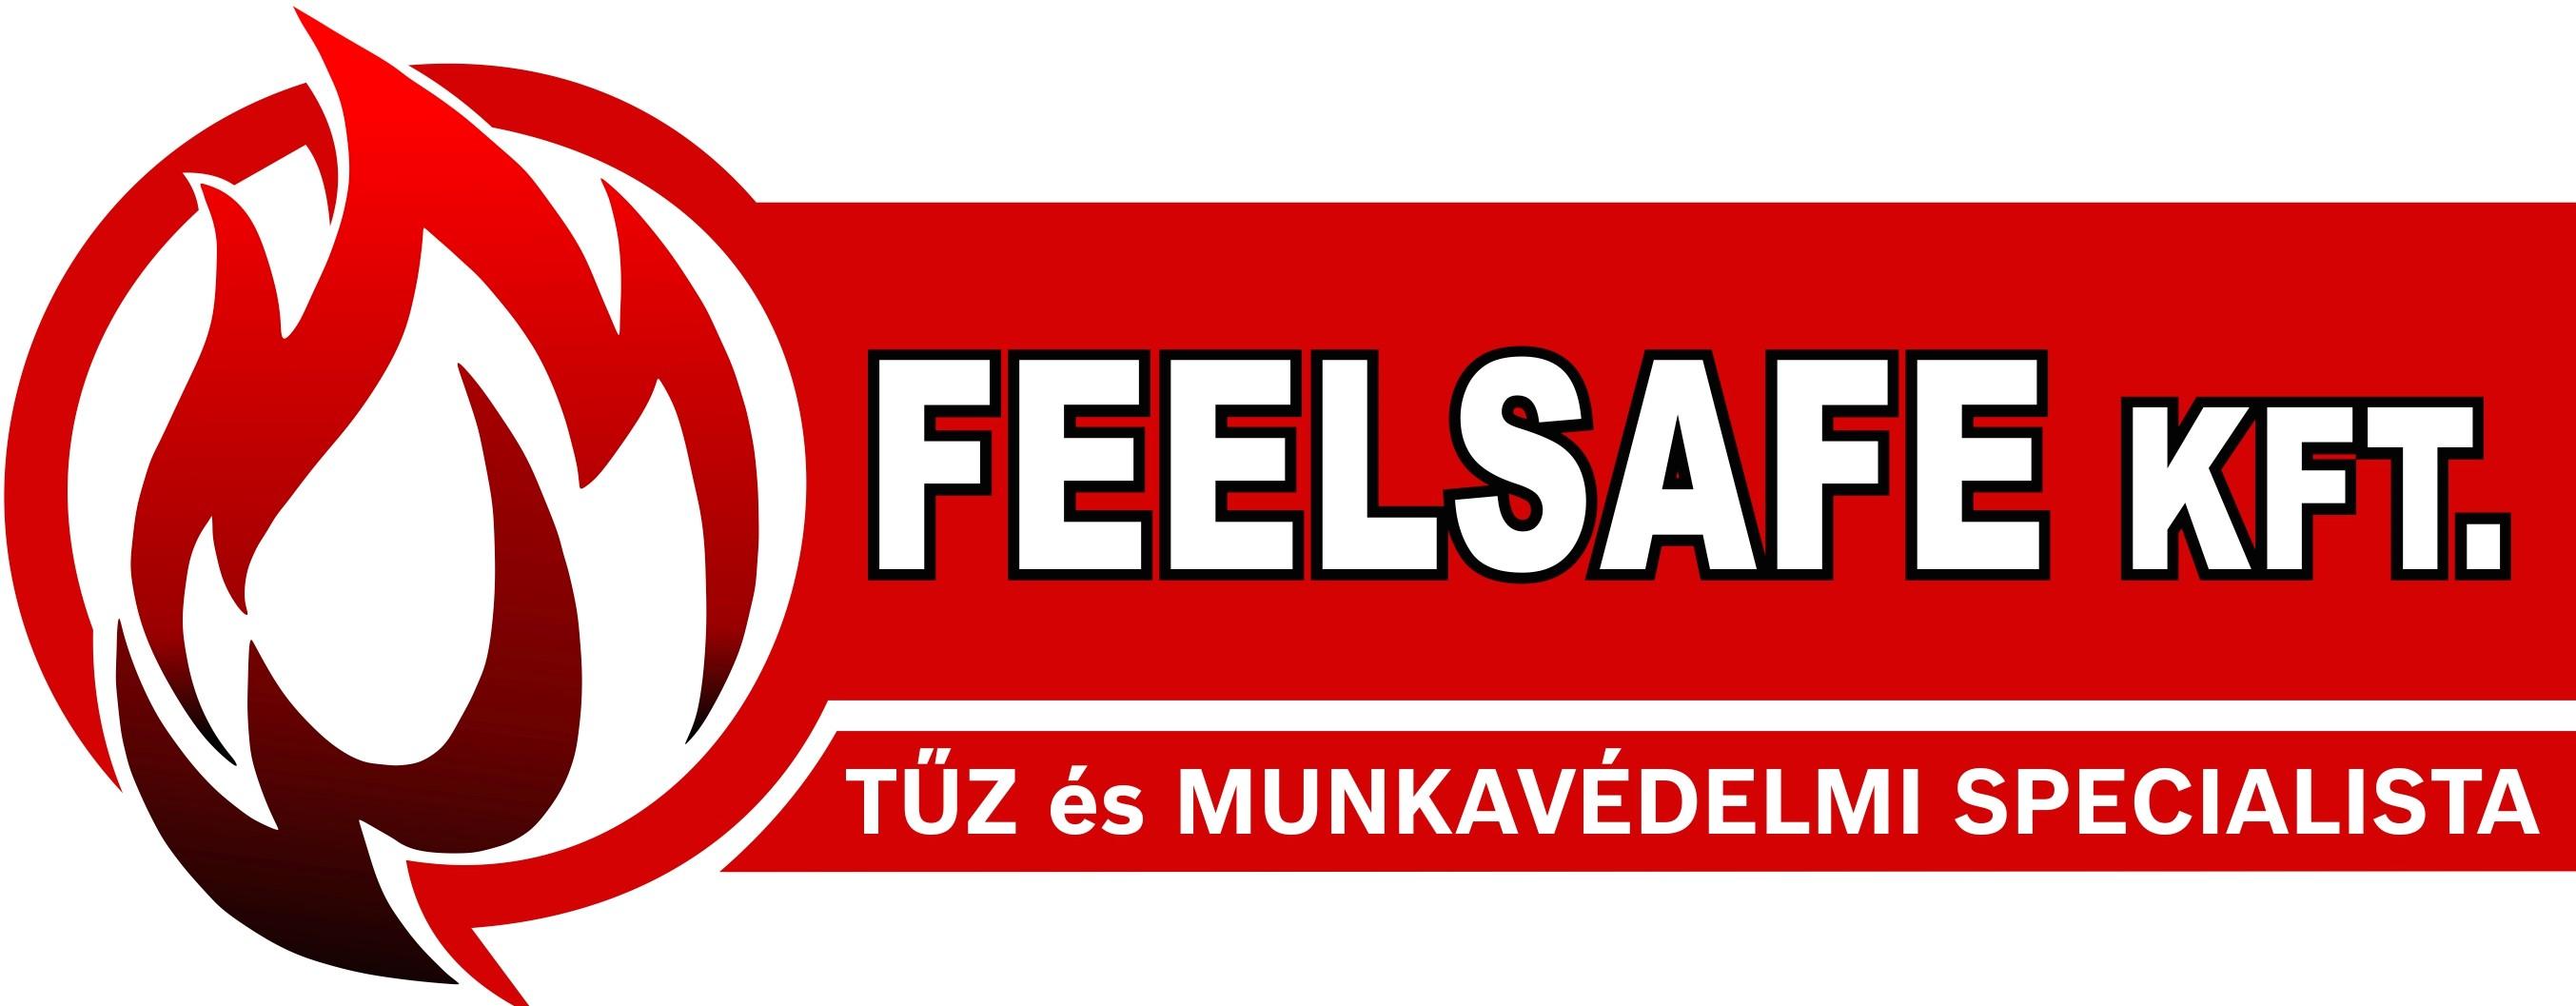 Feelsafe Kft.